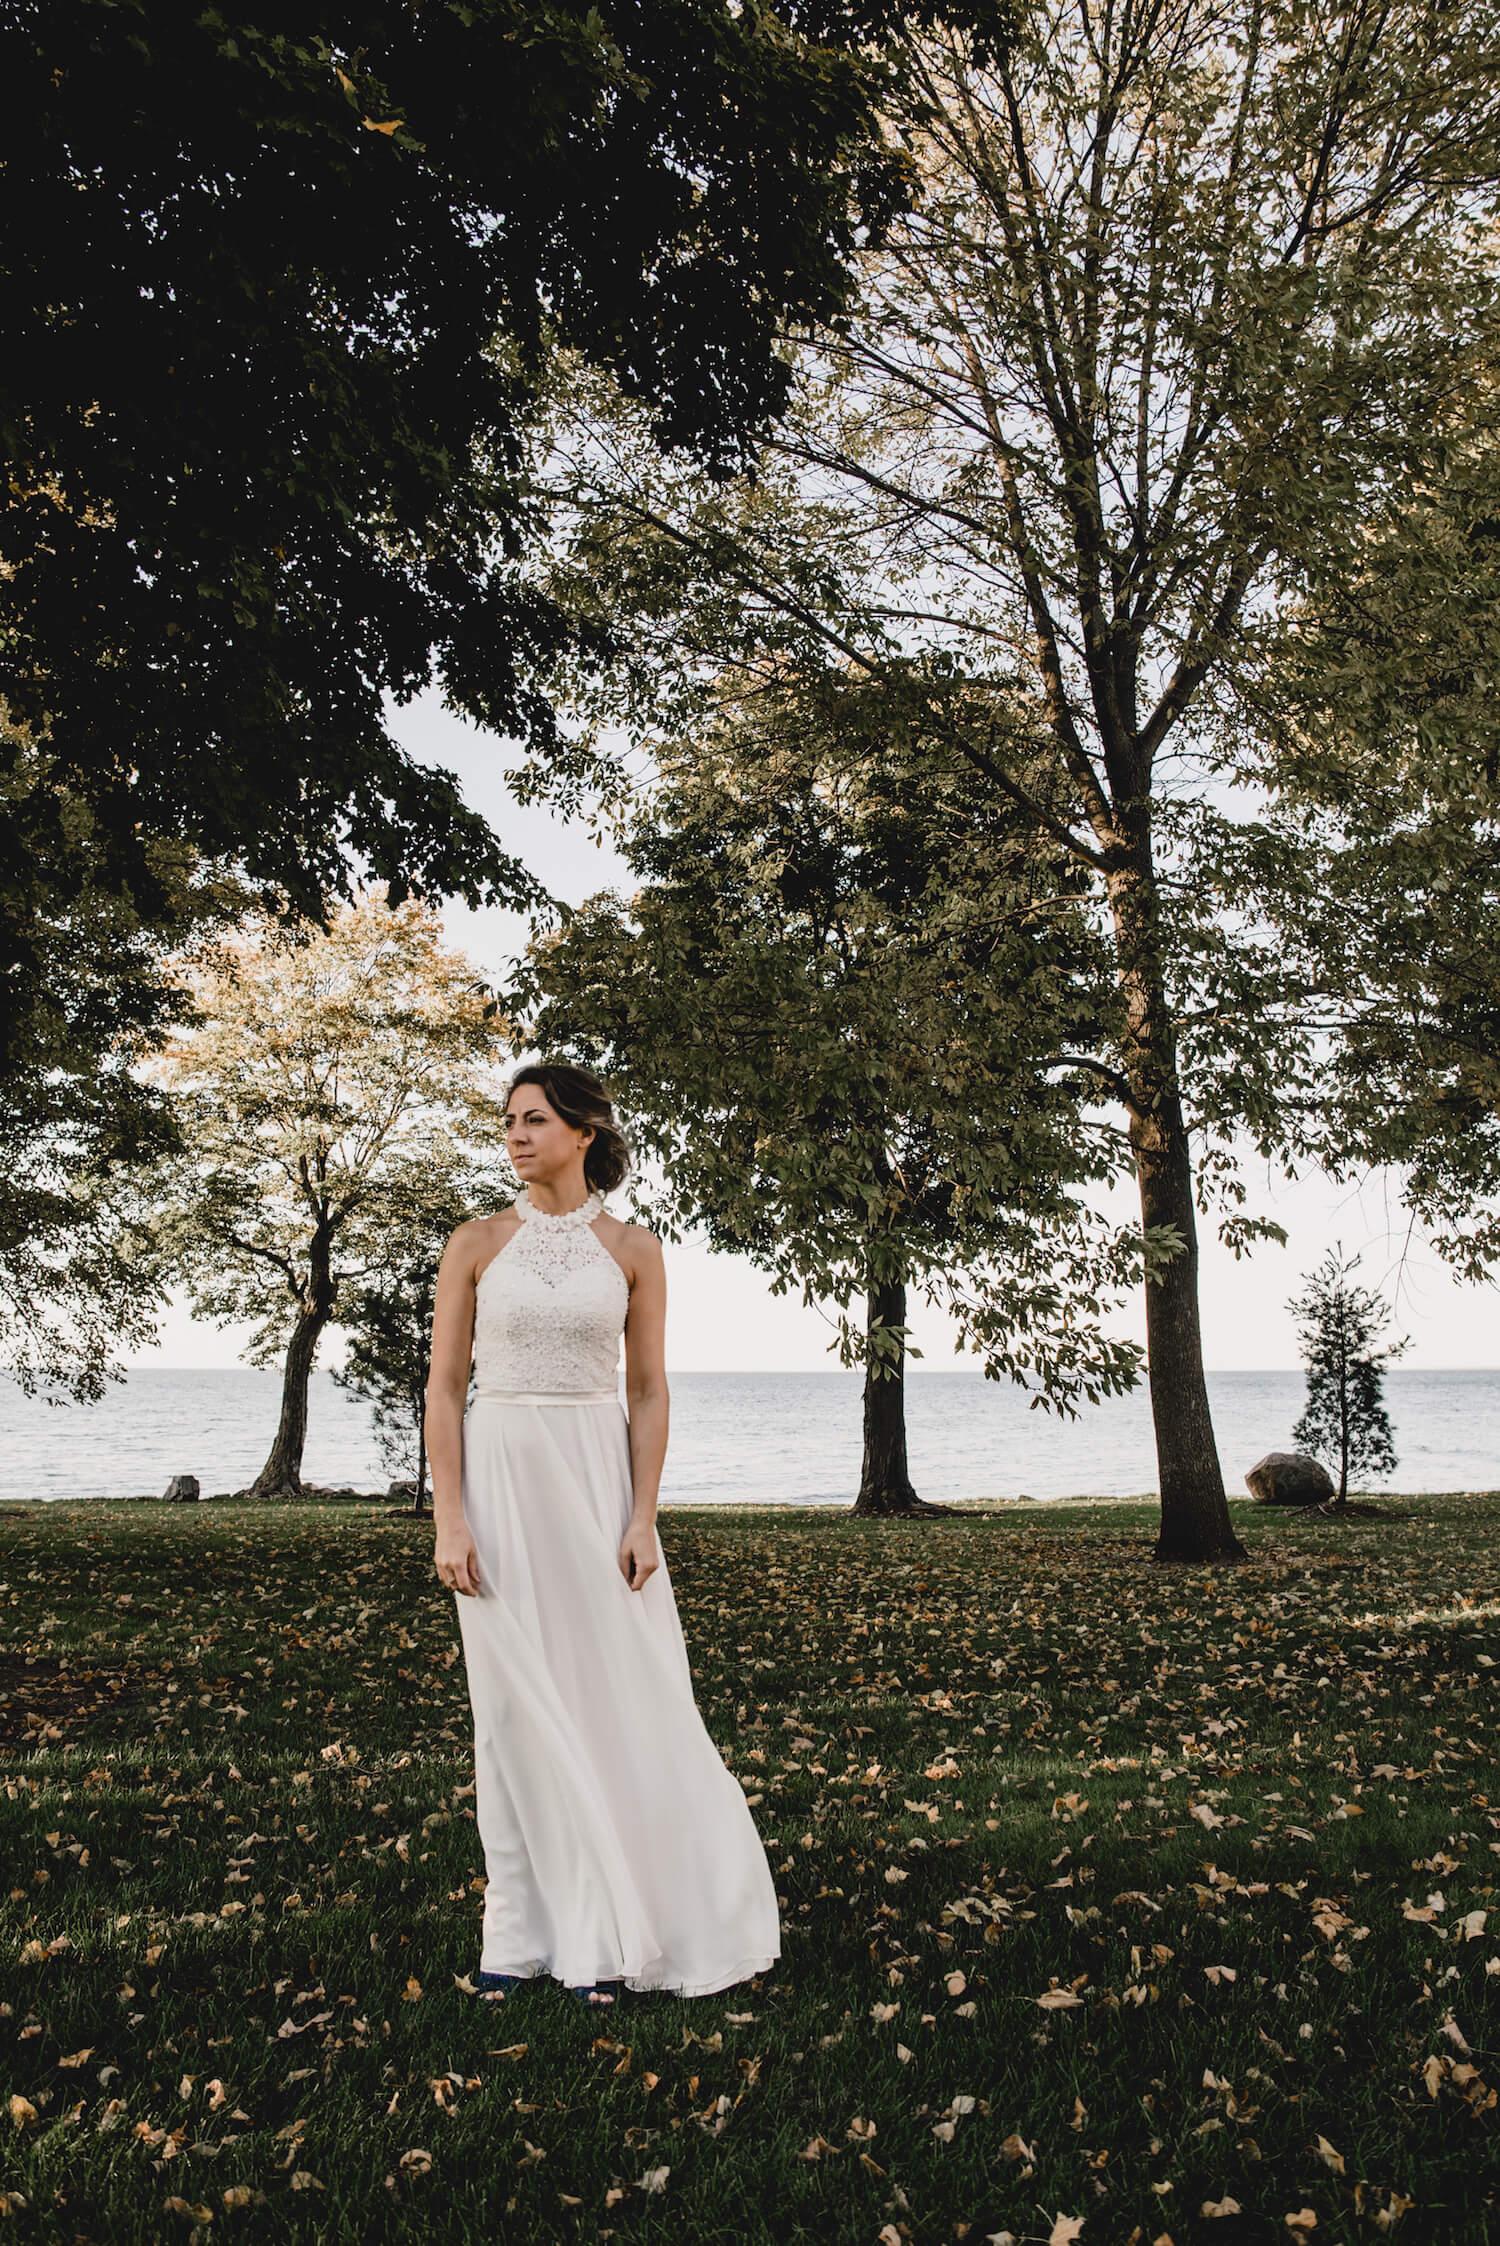 engle-olson-tammy-marc-wedding-36.jpg